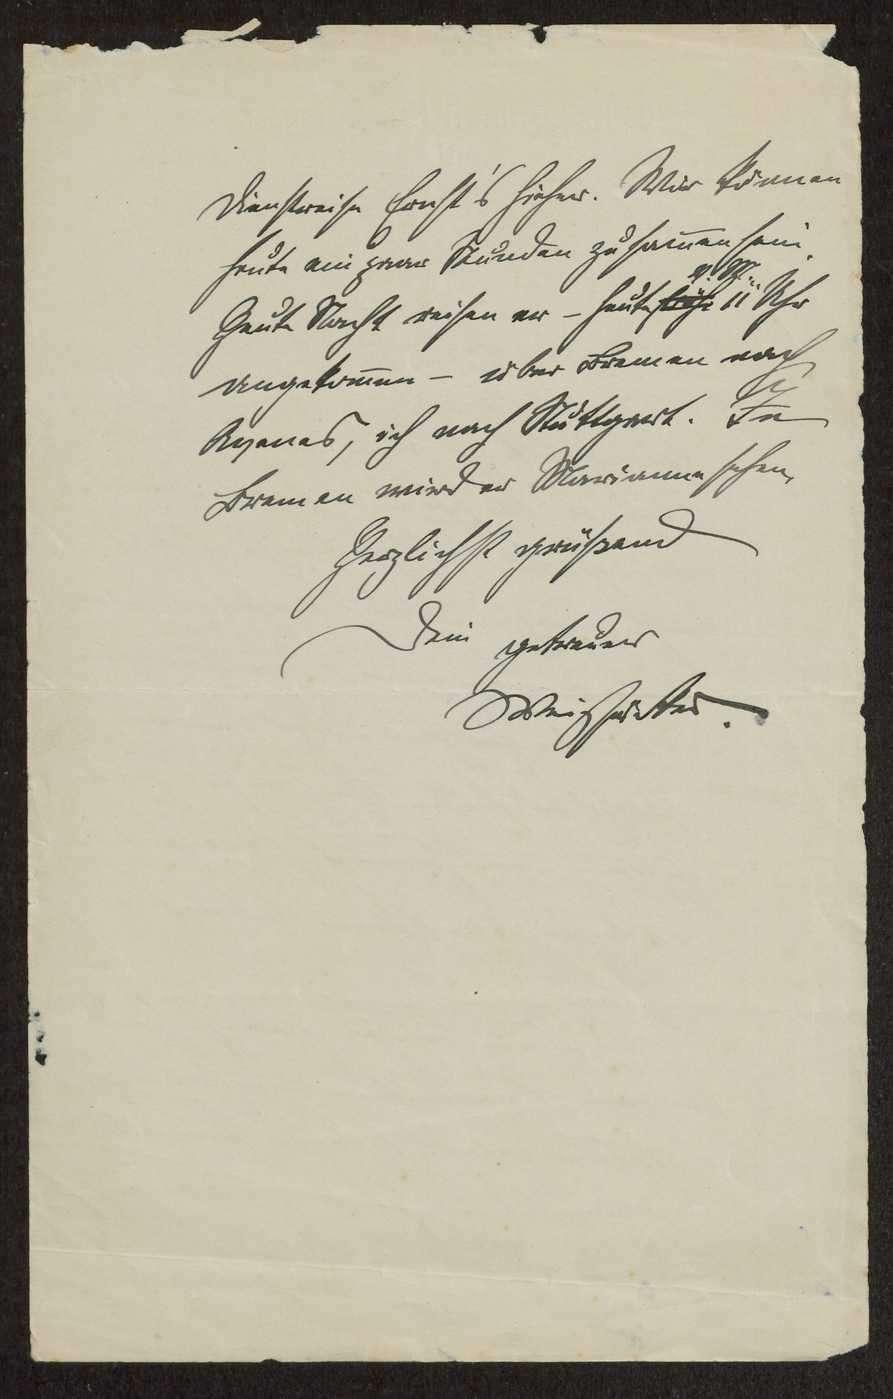 Schreiben Weizsäckers an Fritz von Graevenitz politischen, militärischen und privaten Inhalts, Bild 3